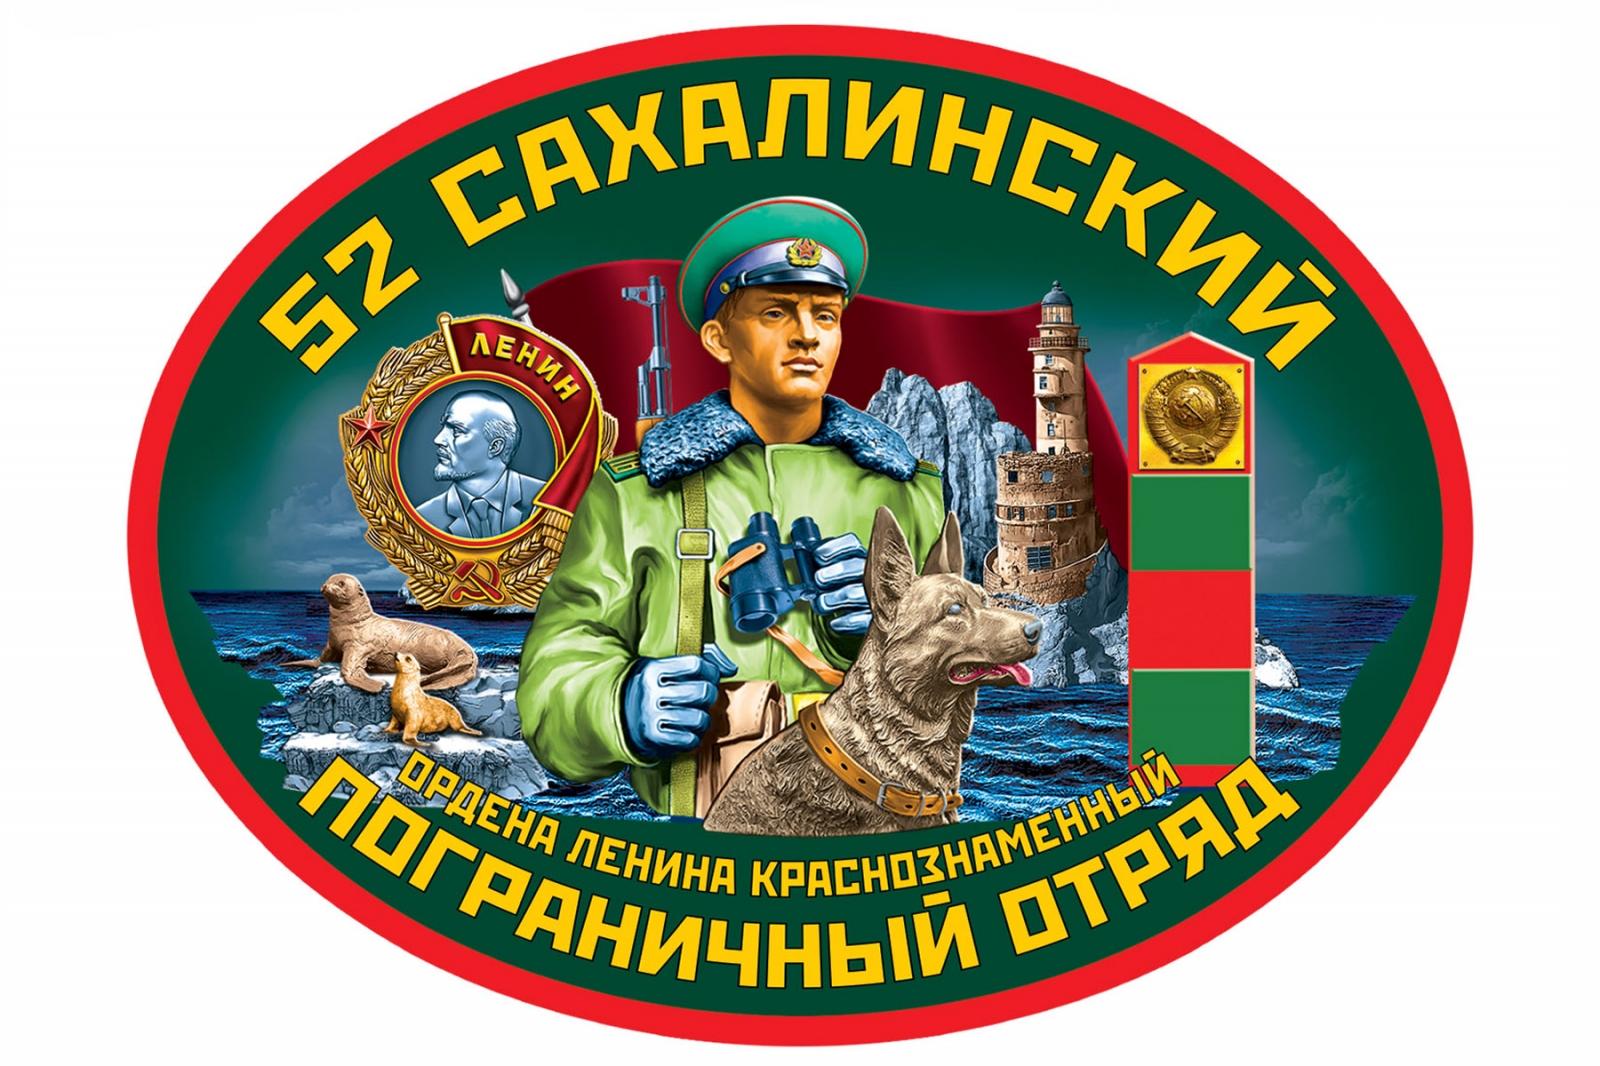 Наклейка на машину 52 Сахалинский пограничный отряд